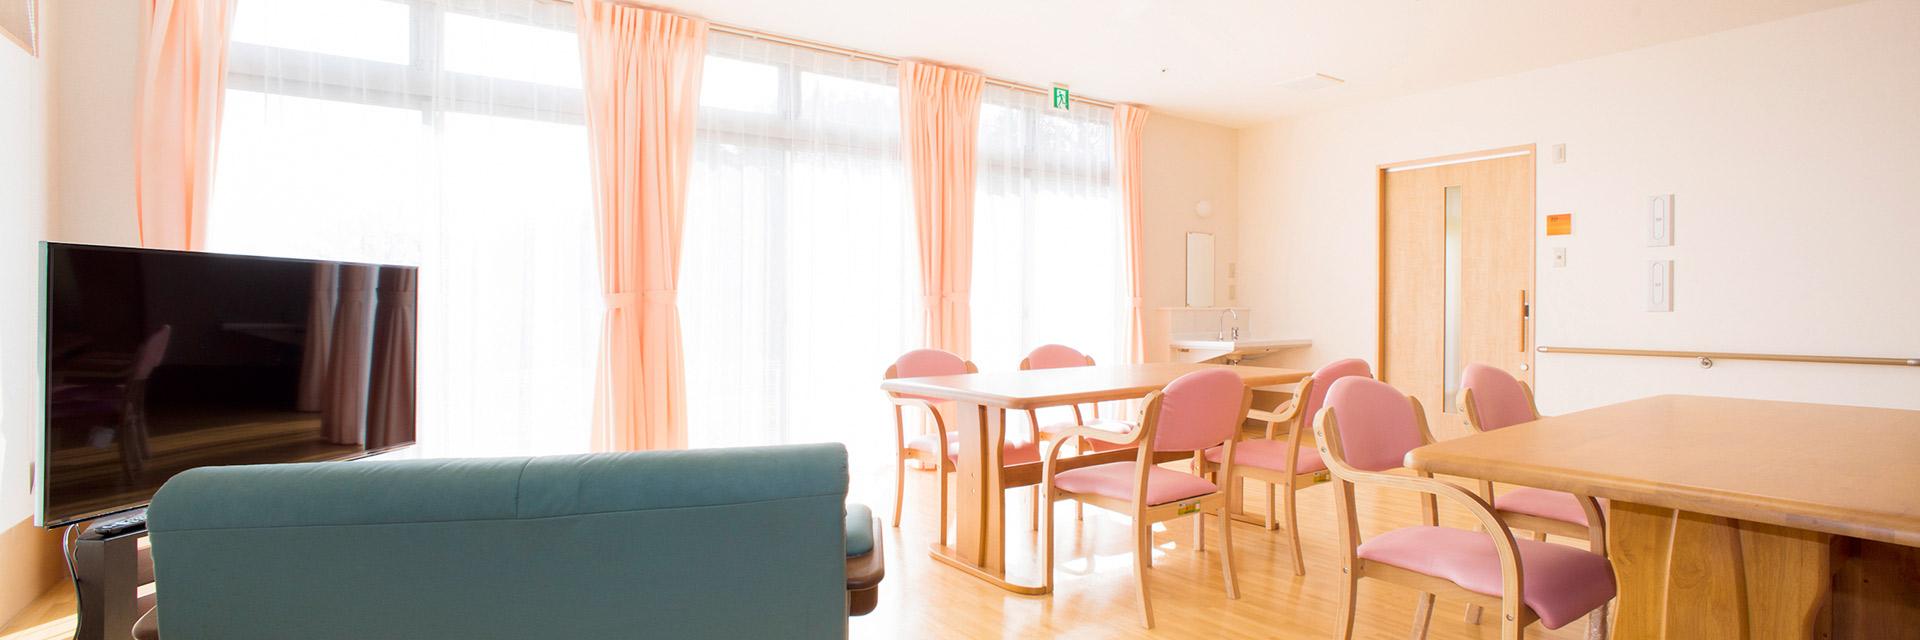 住宅型有料老人ホーム利用申込み